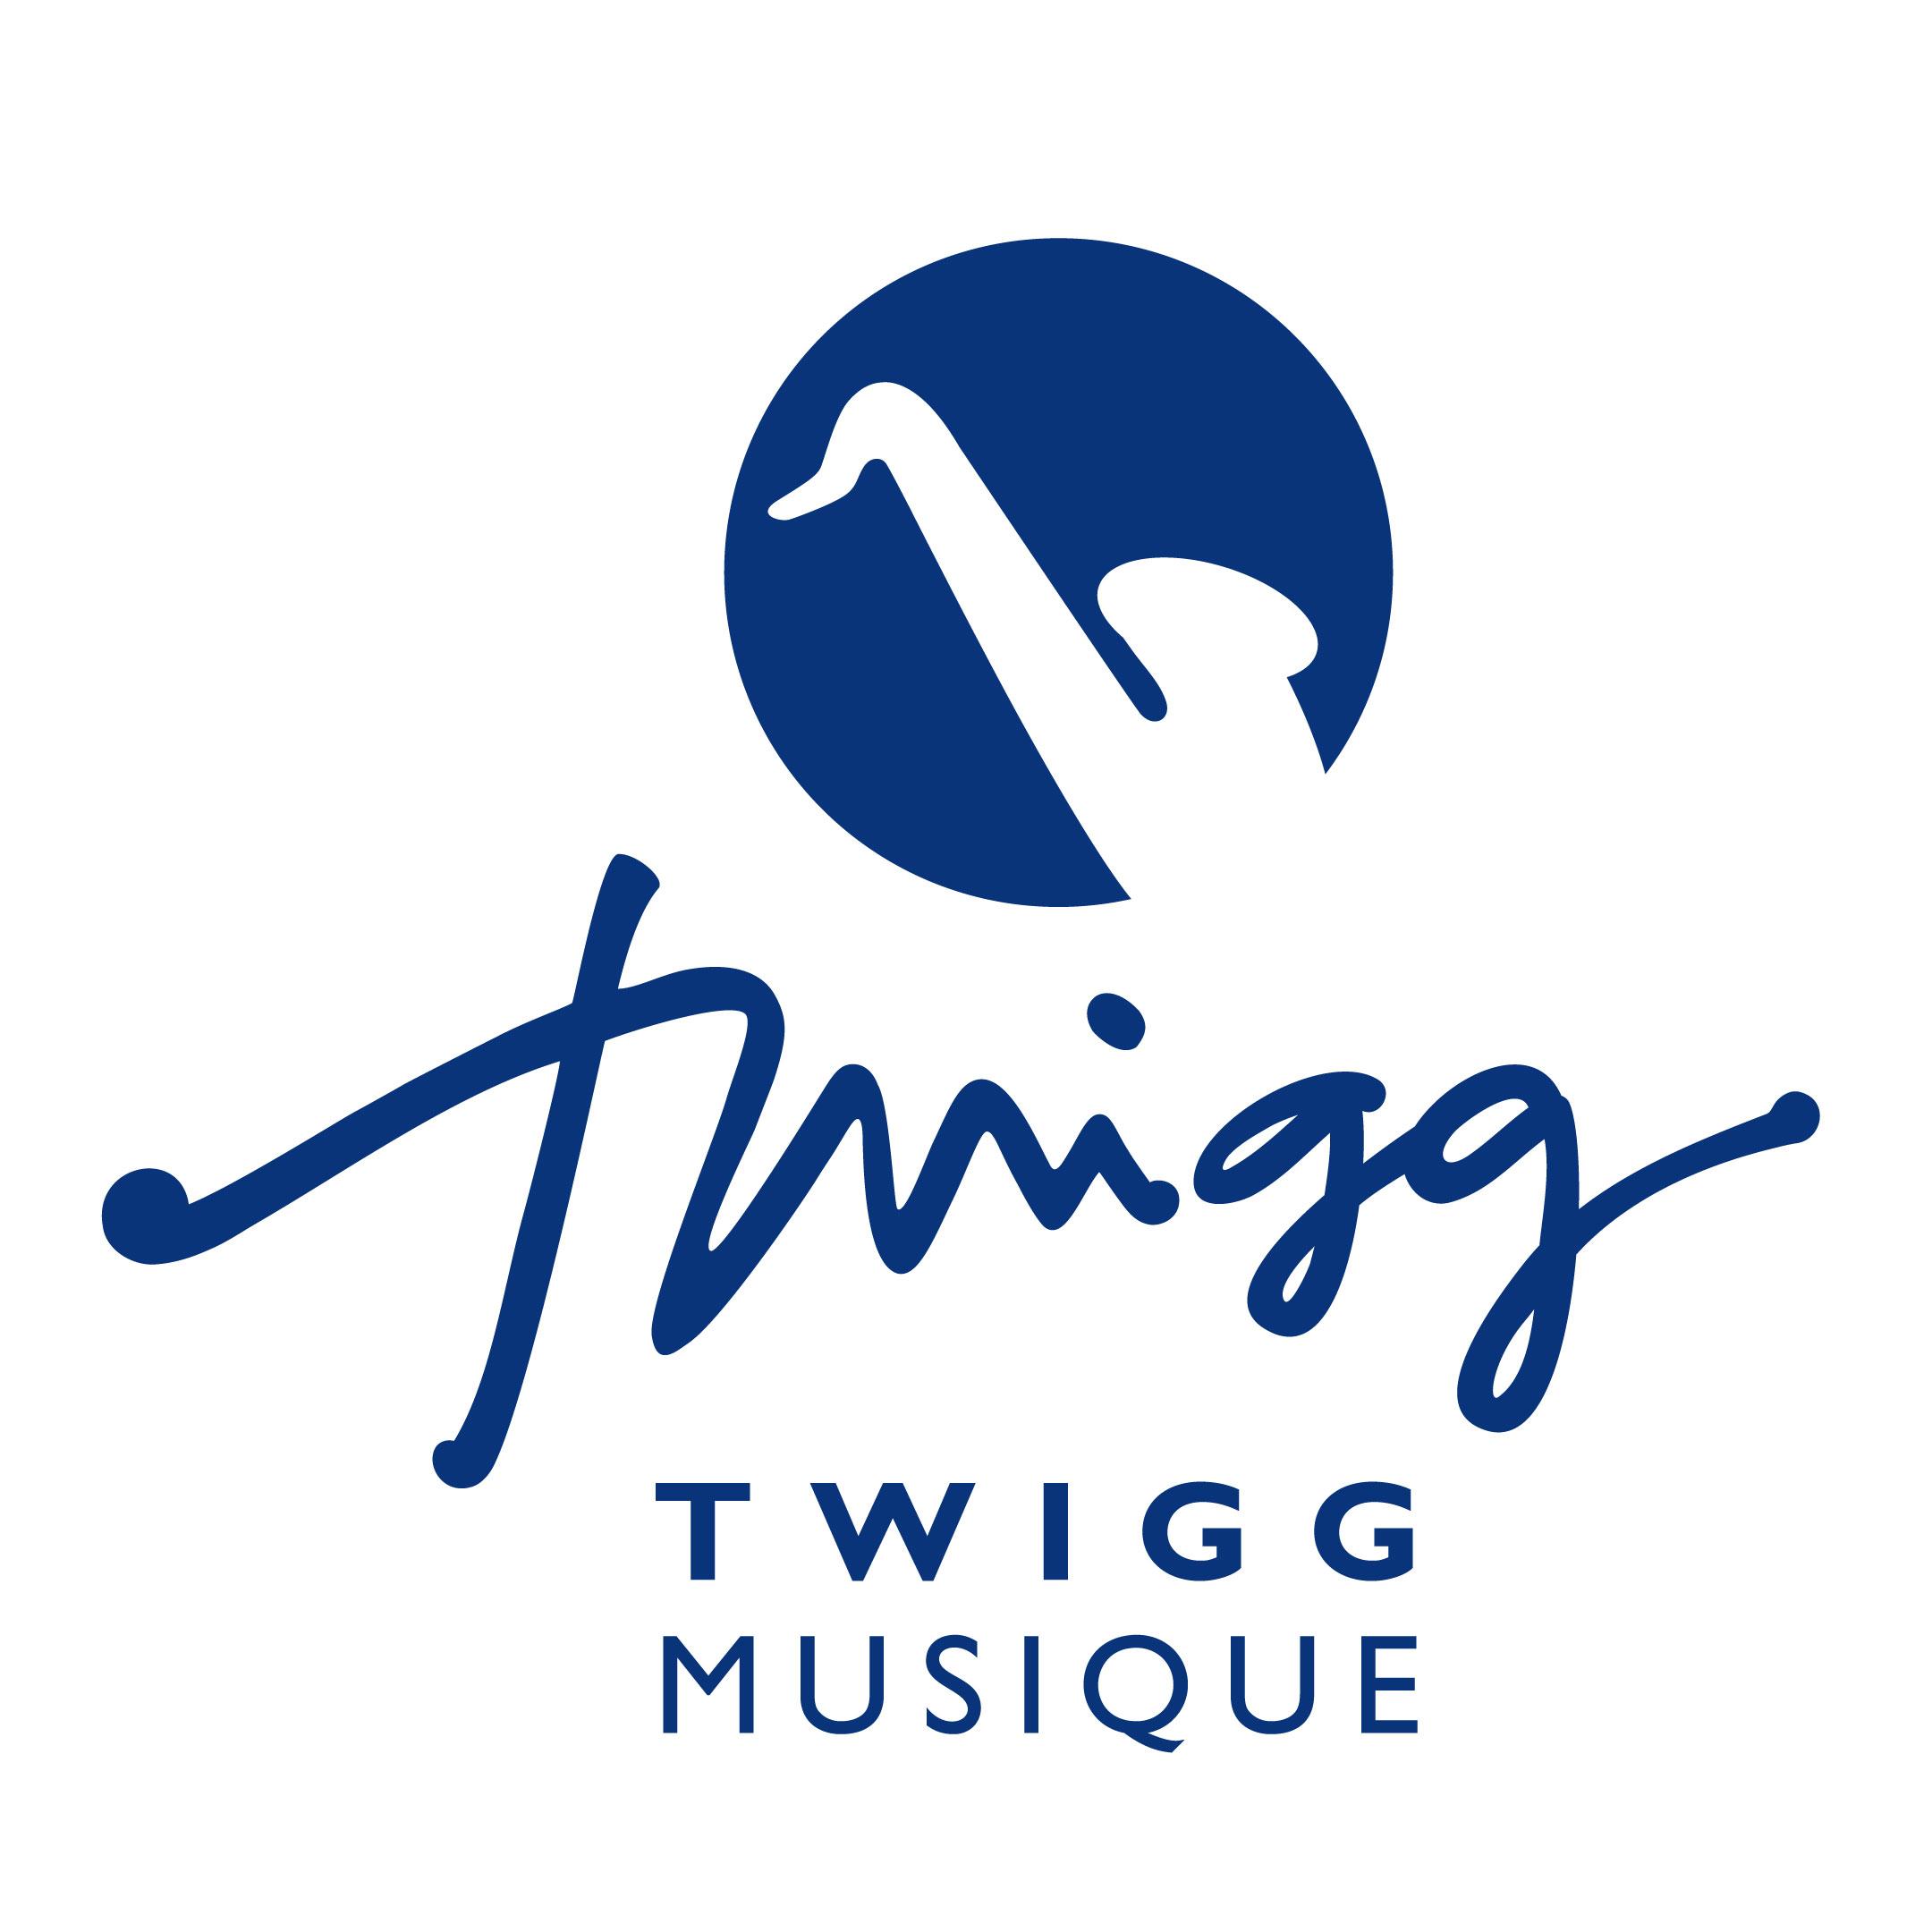 TwiggLogoNew